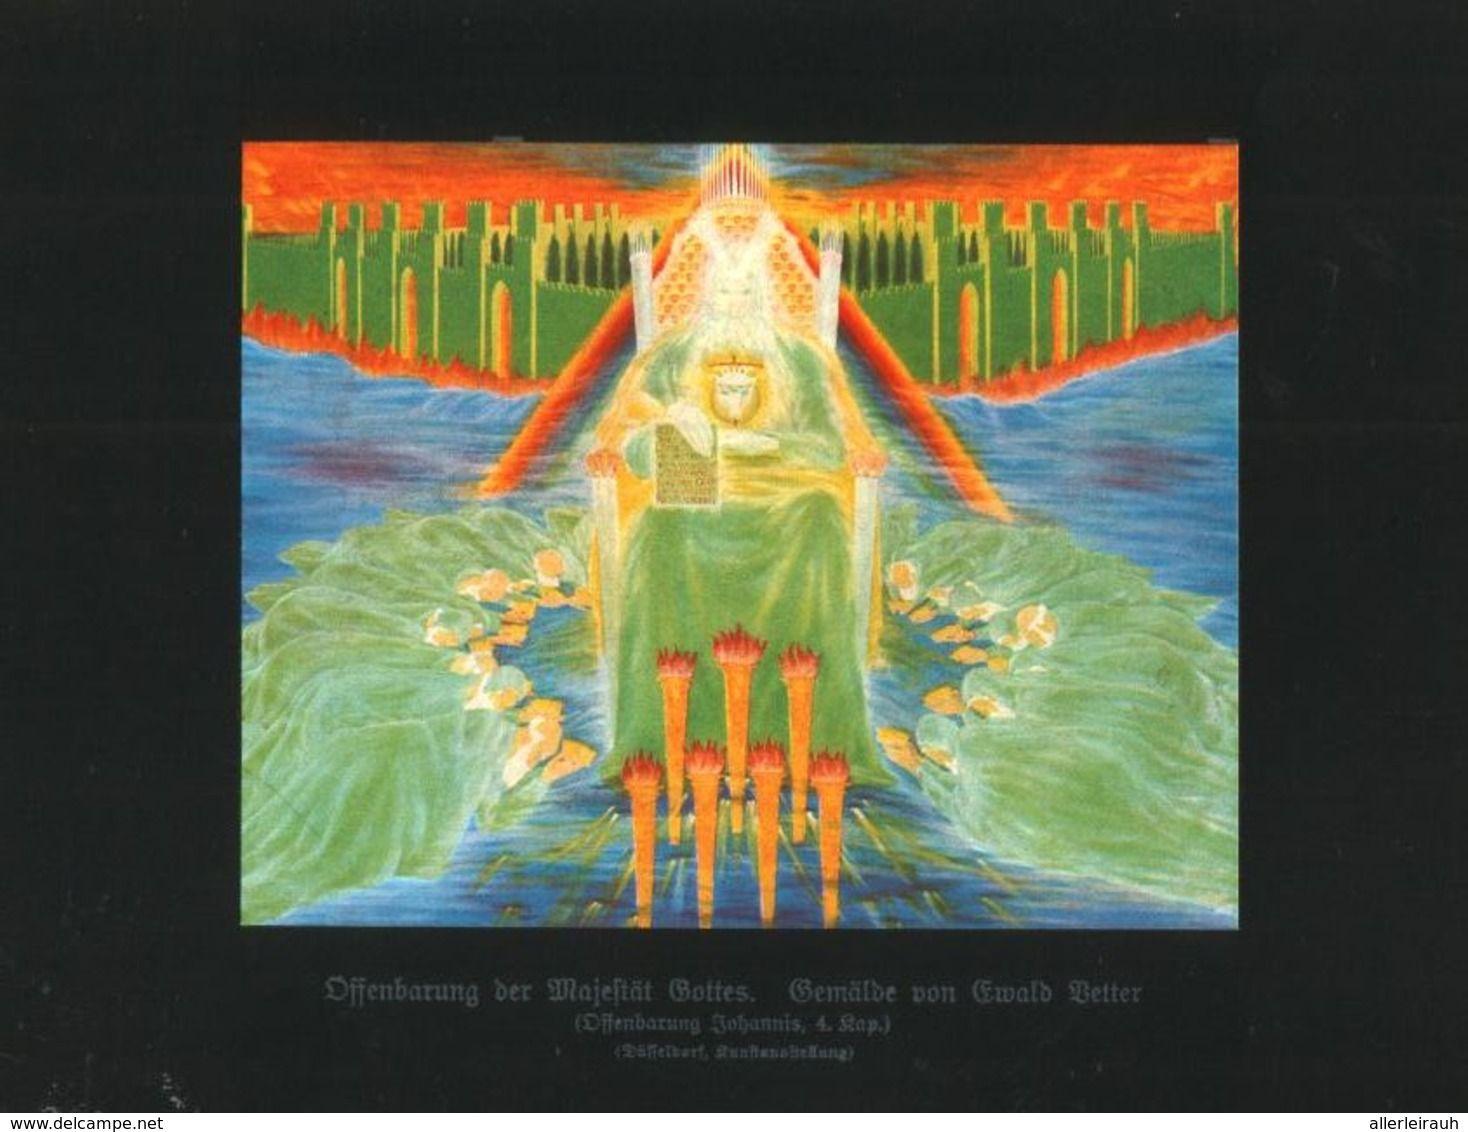 Offenbarung Der Majestat Gottes Nach Einem Gemalde Von Ewald Vetter Druck Entnommen Aus Zeitschrift 1922 Zu Verkaufen Auf Delcampe Einfache Gemalde Gemalde Zeitschriften